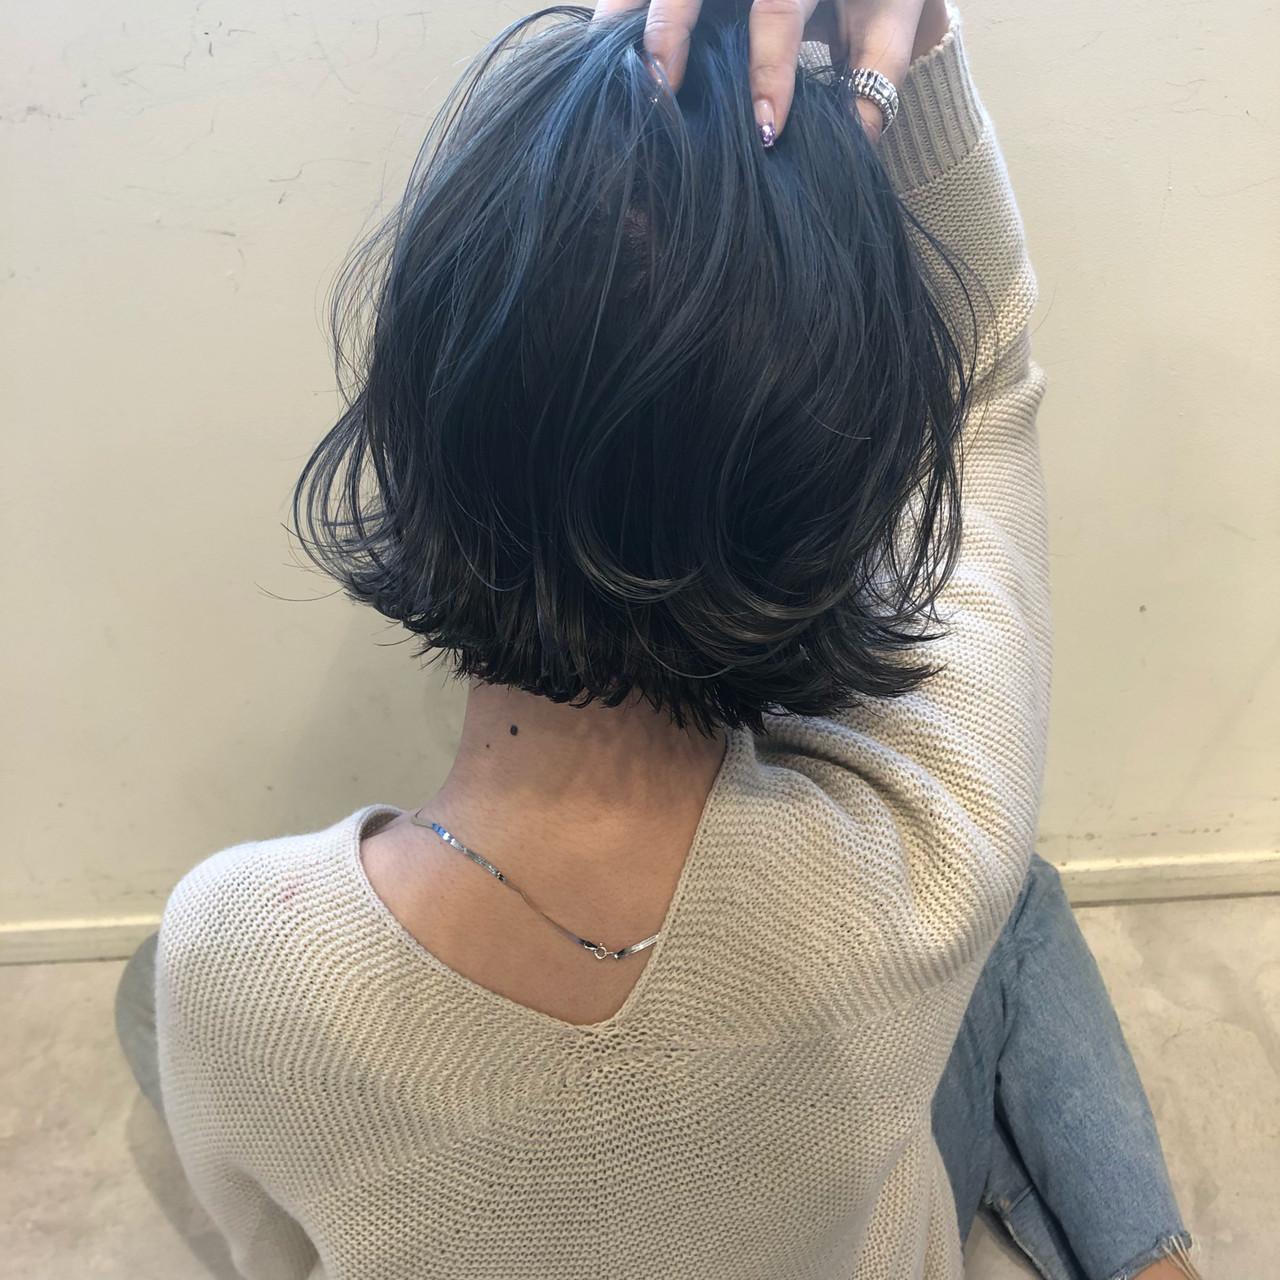 ハイライト アンニュイほつれヘア グレージュ ボブ ヘアスタイルや髪型の写真・画像